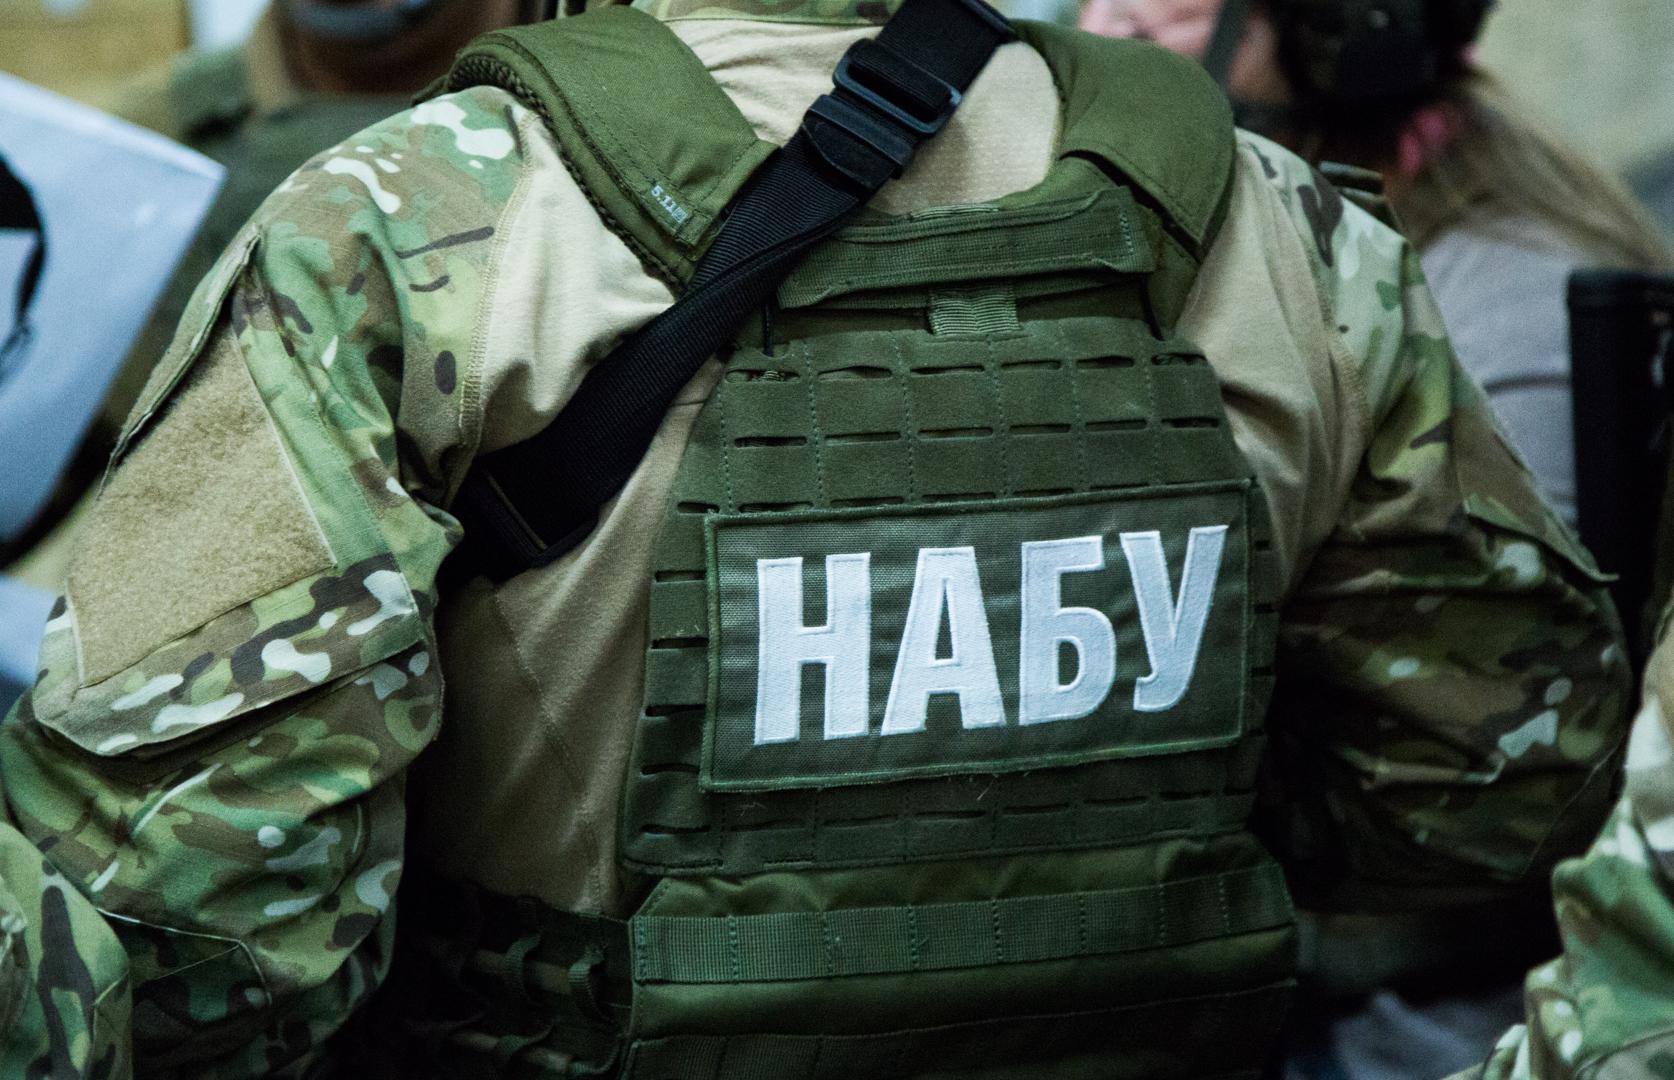 НАБУ та САП затримали посадовців ЗСУ та ДП «Львівський бронетанковий завод»